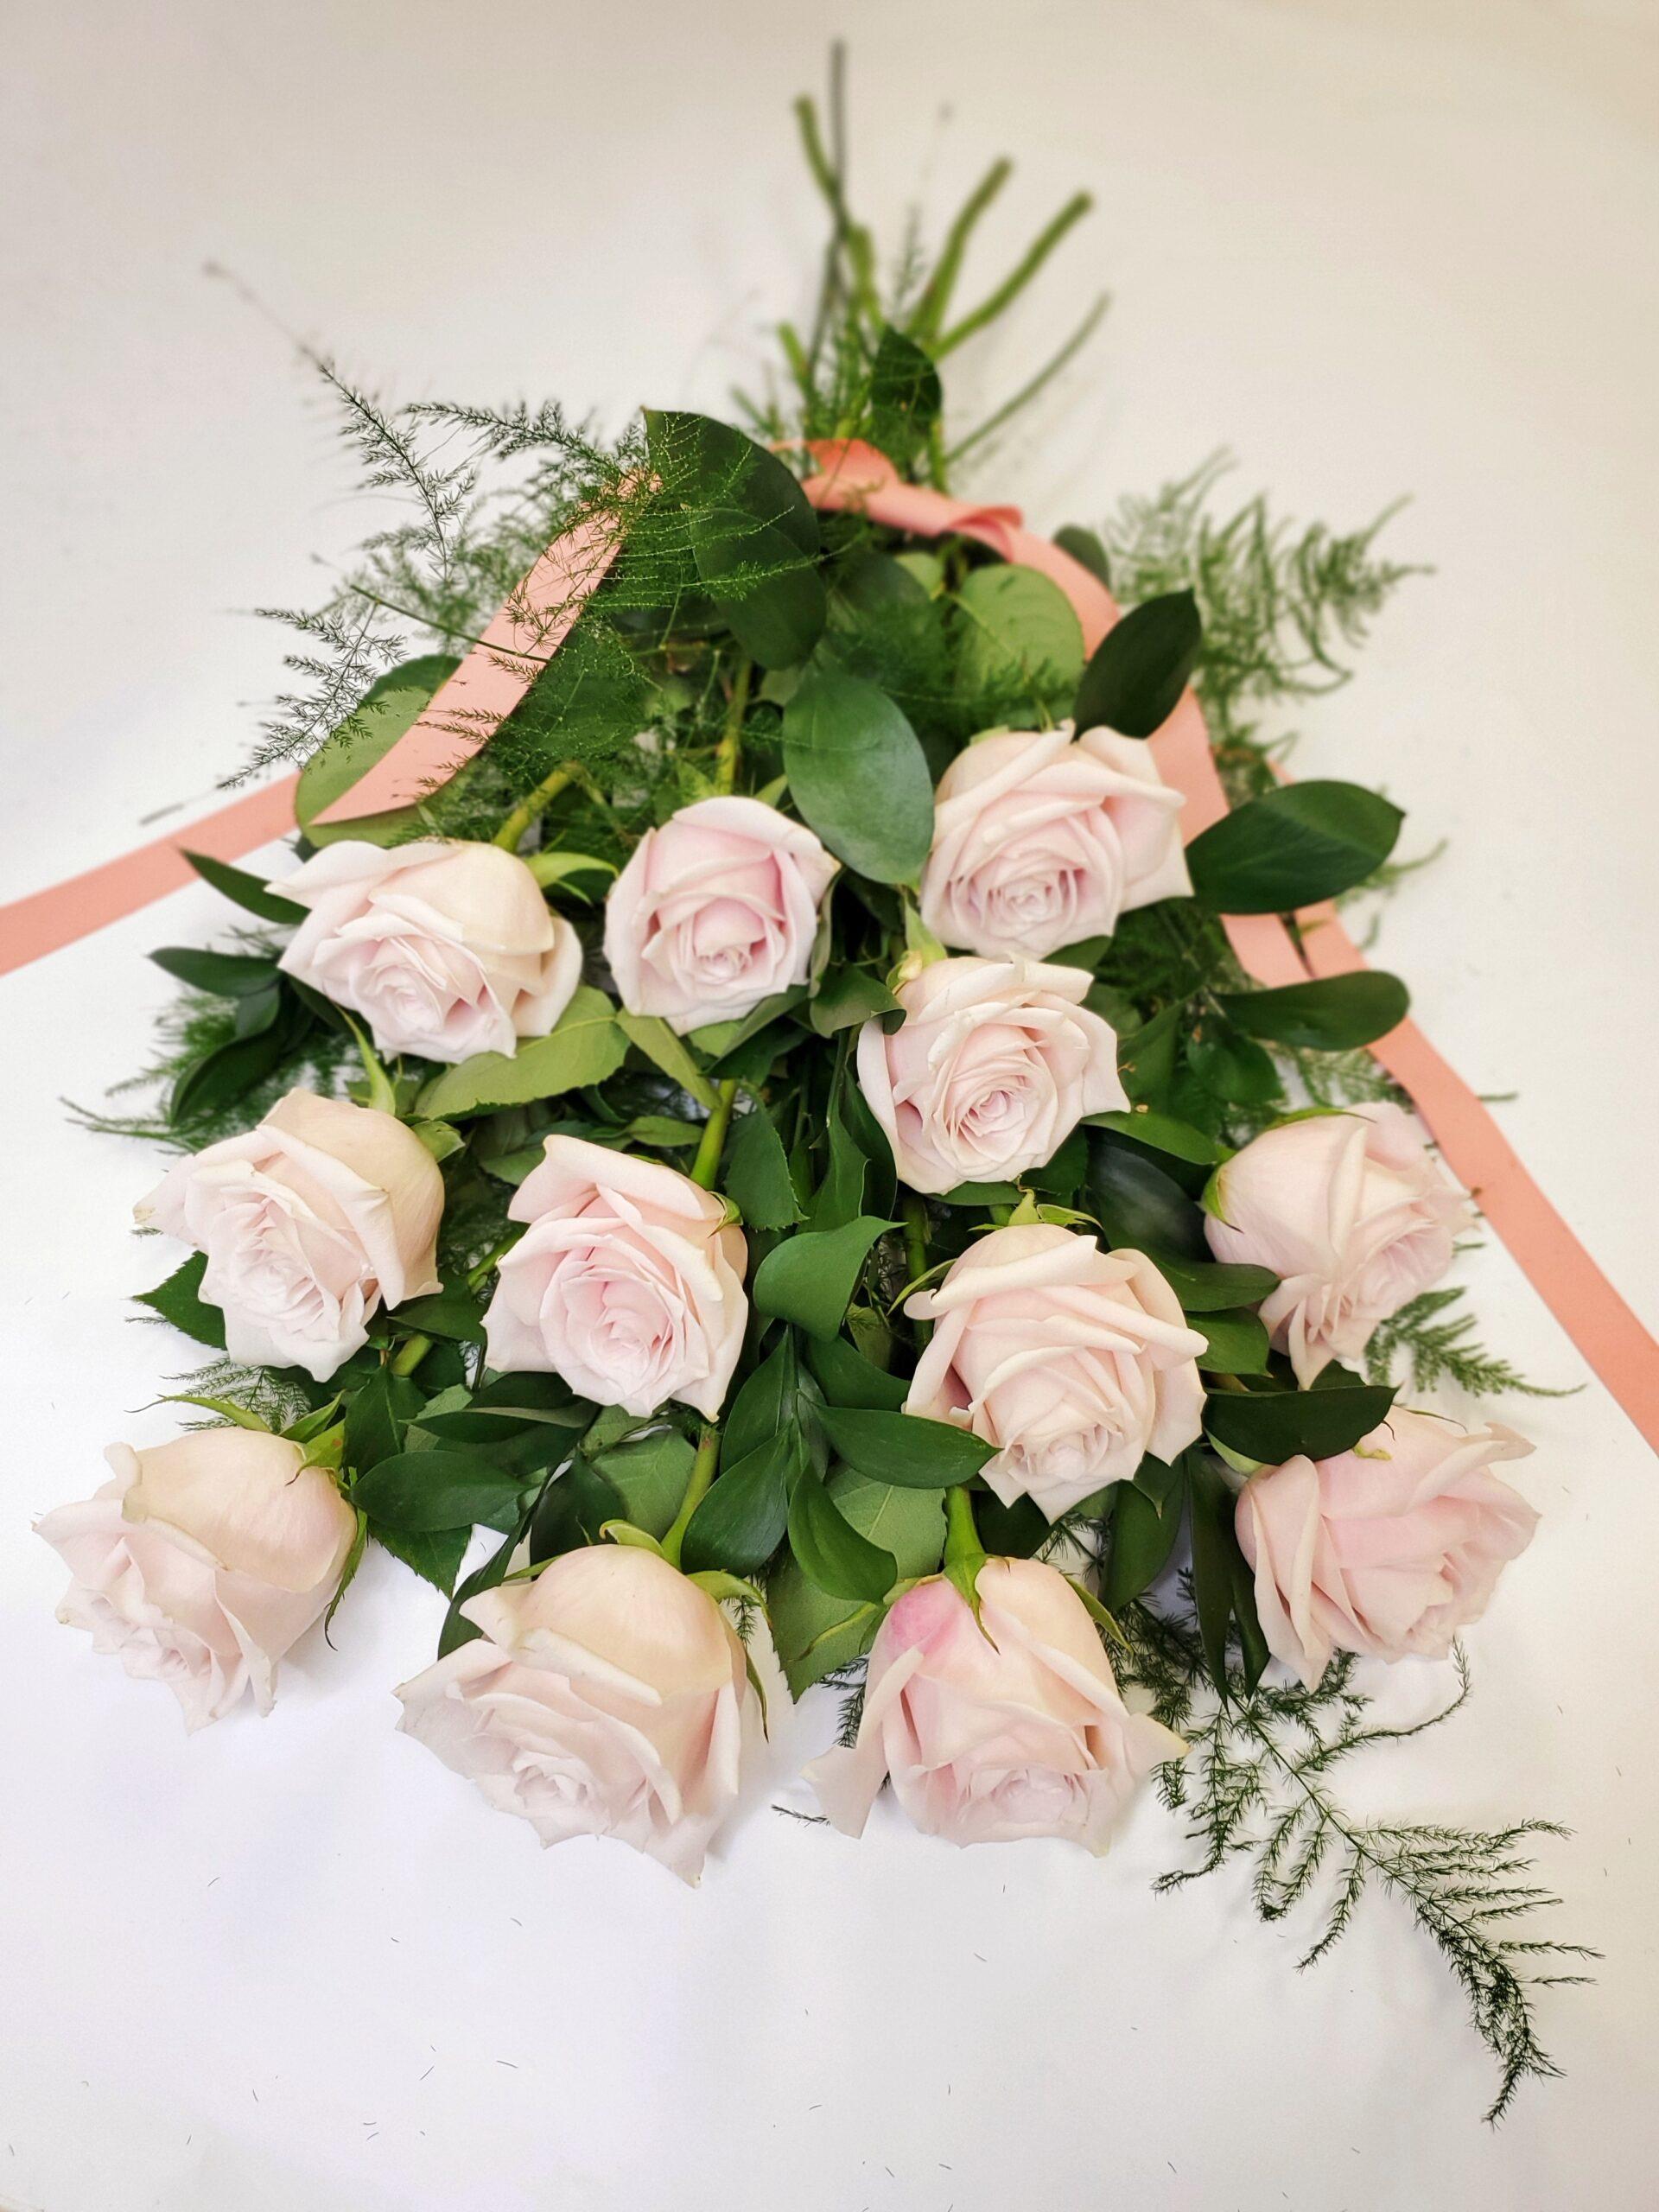 vday-Dozen Roses Blush